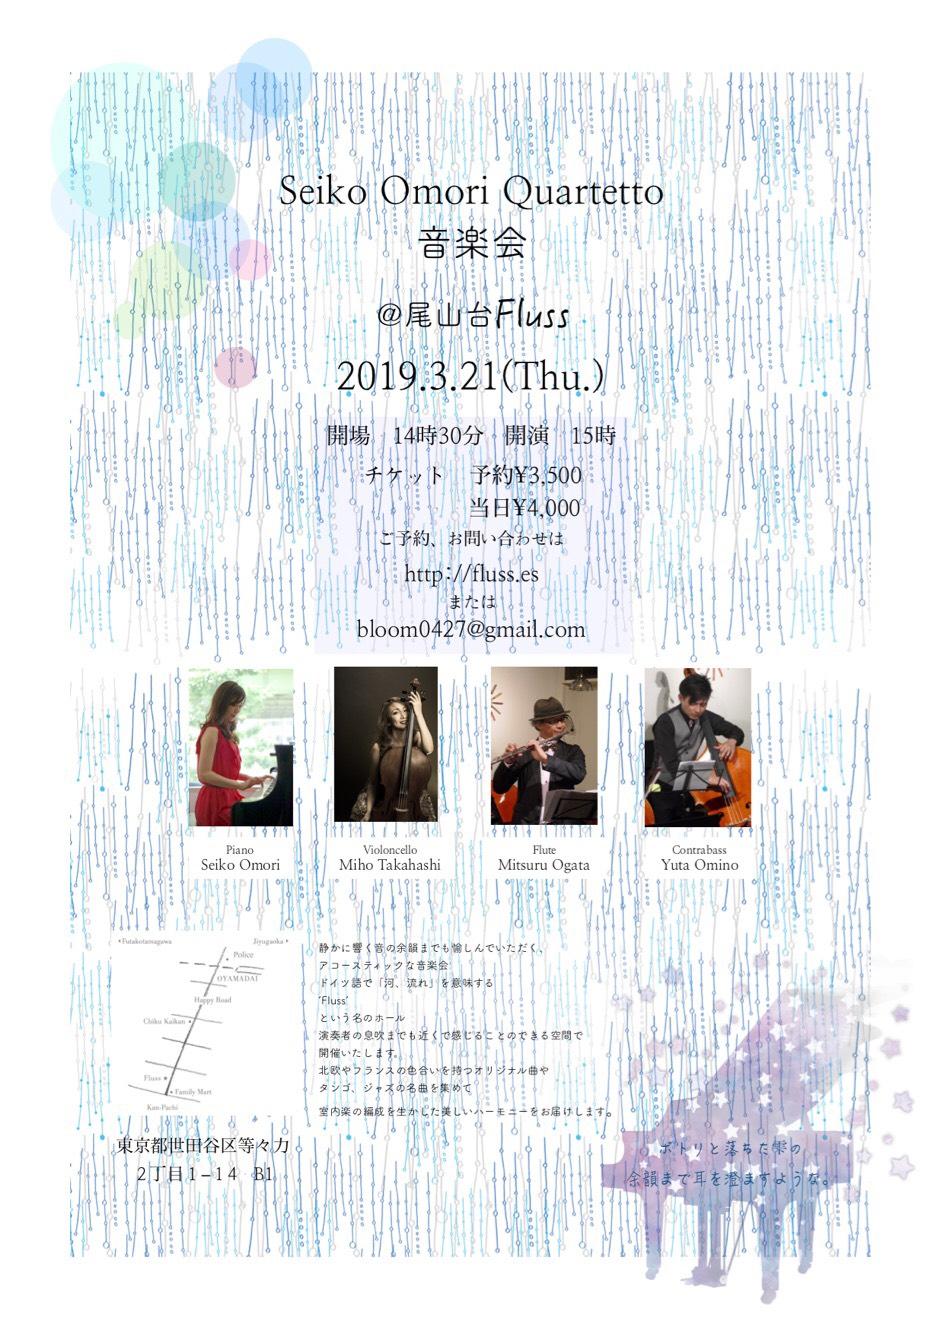 Seiko Omori Quartetto 音楽会